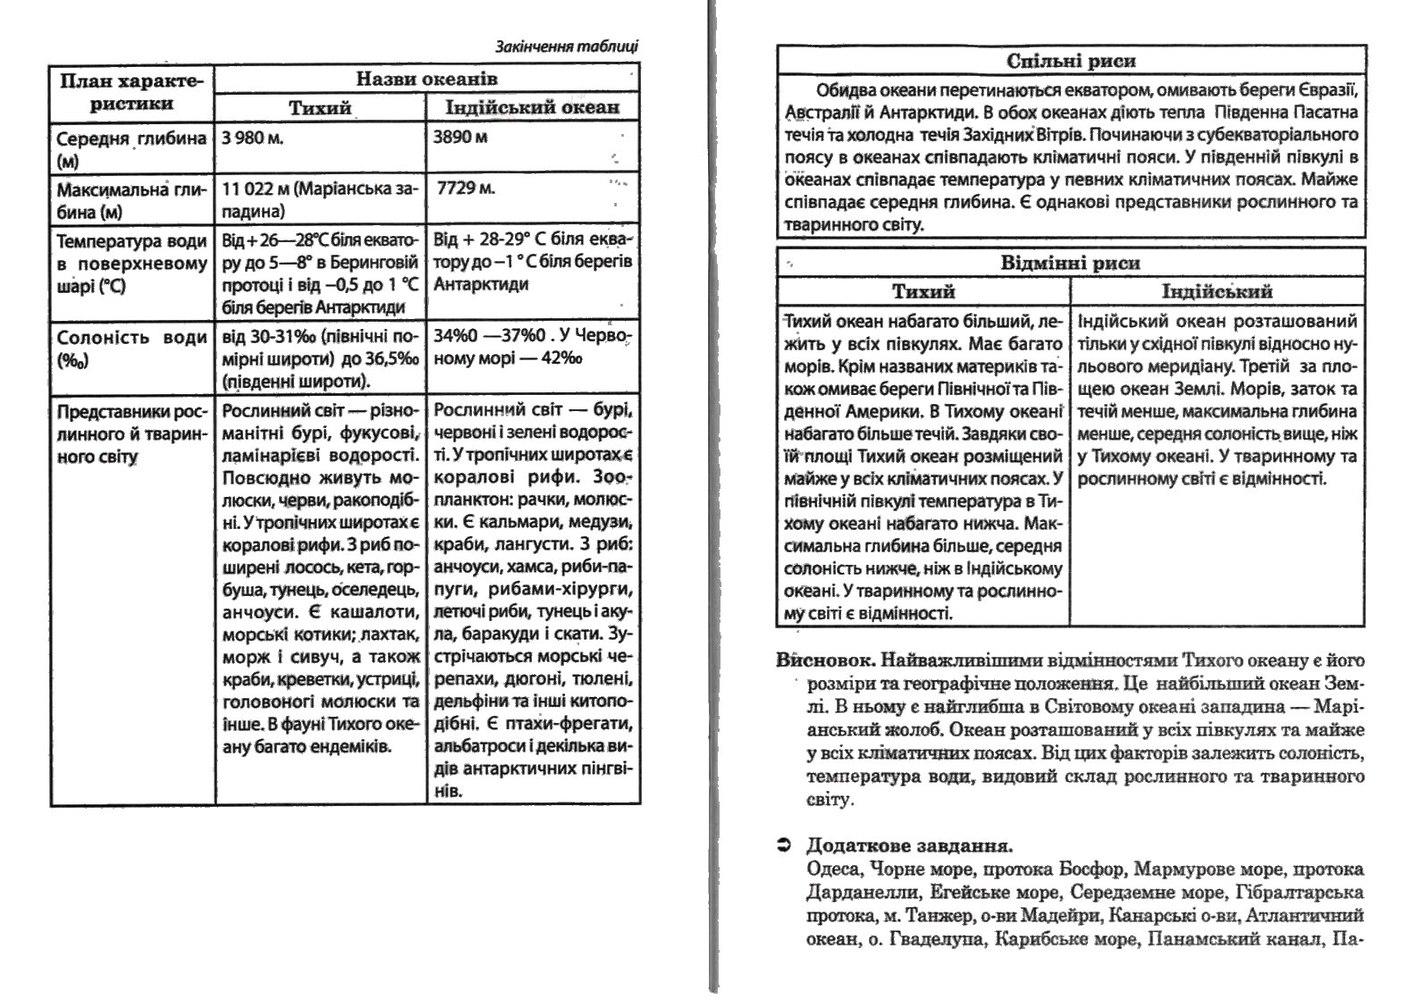 ГДЗ відповіді робочий зошит по географии 7 класс О.Г. Стадник. Задание: №6(3)